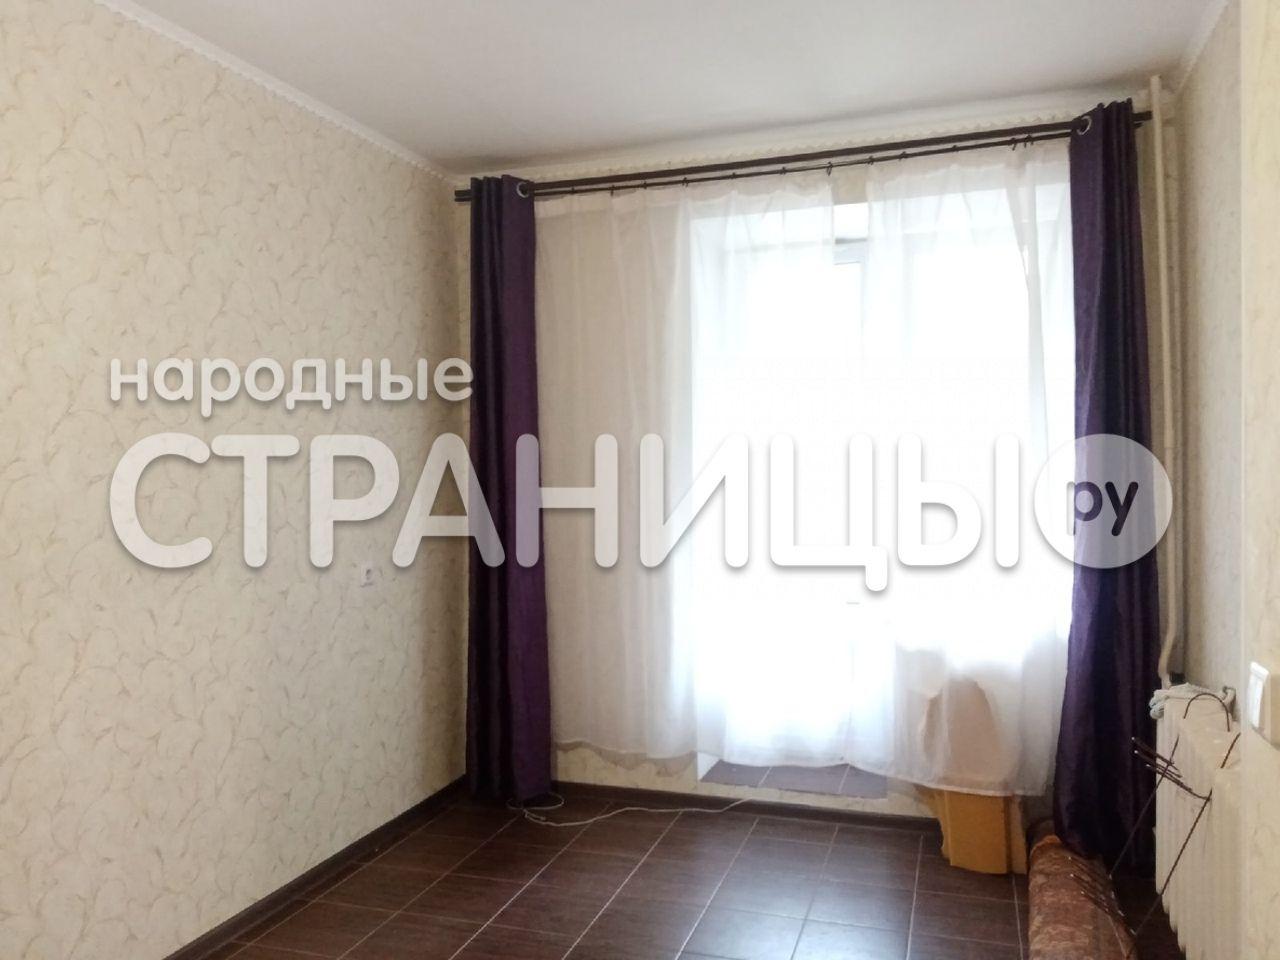 1-комнатная квартира, 29.7 м²,  1/3 эт. Кирпичный дом, Вторичное жилье